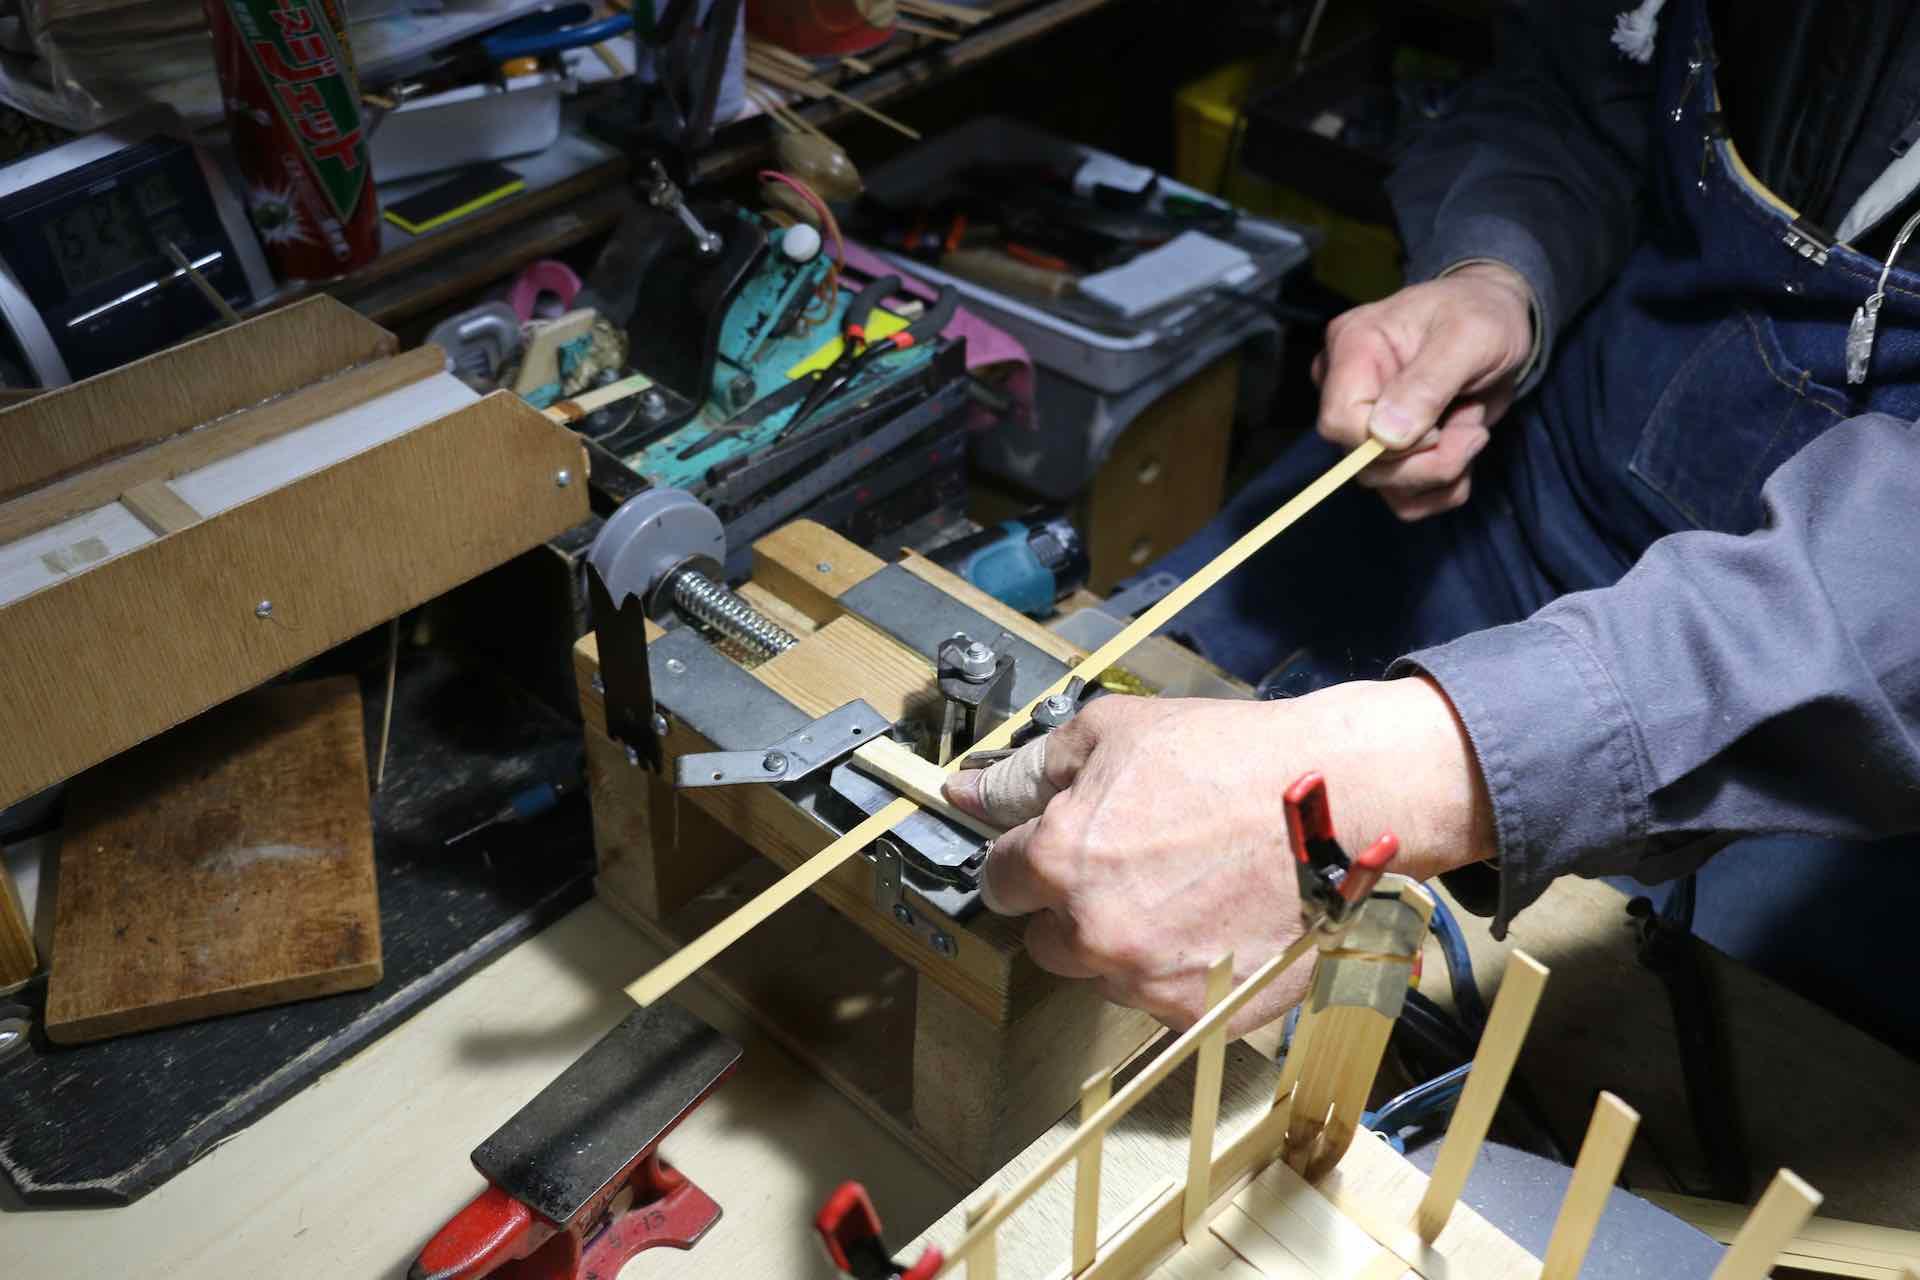 竹材の幅を揃える道具